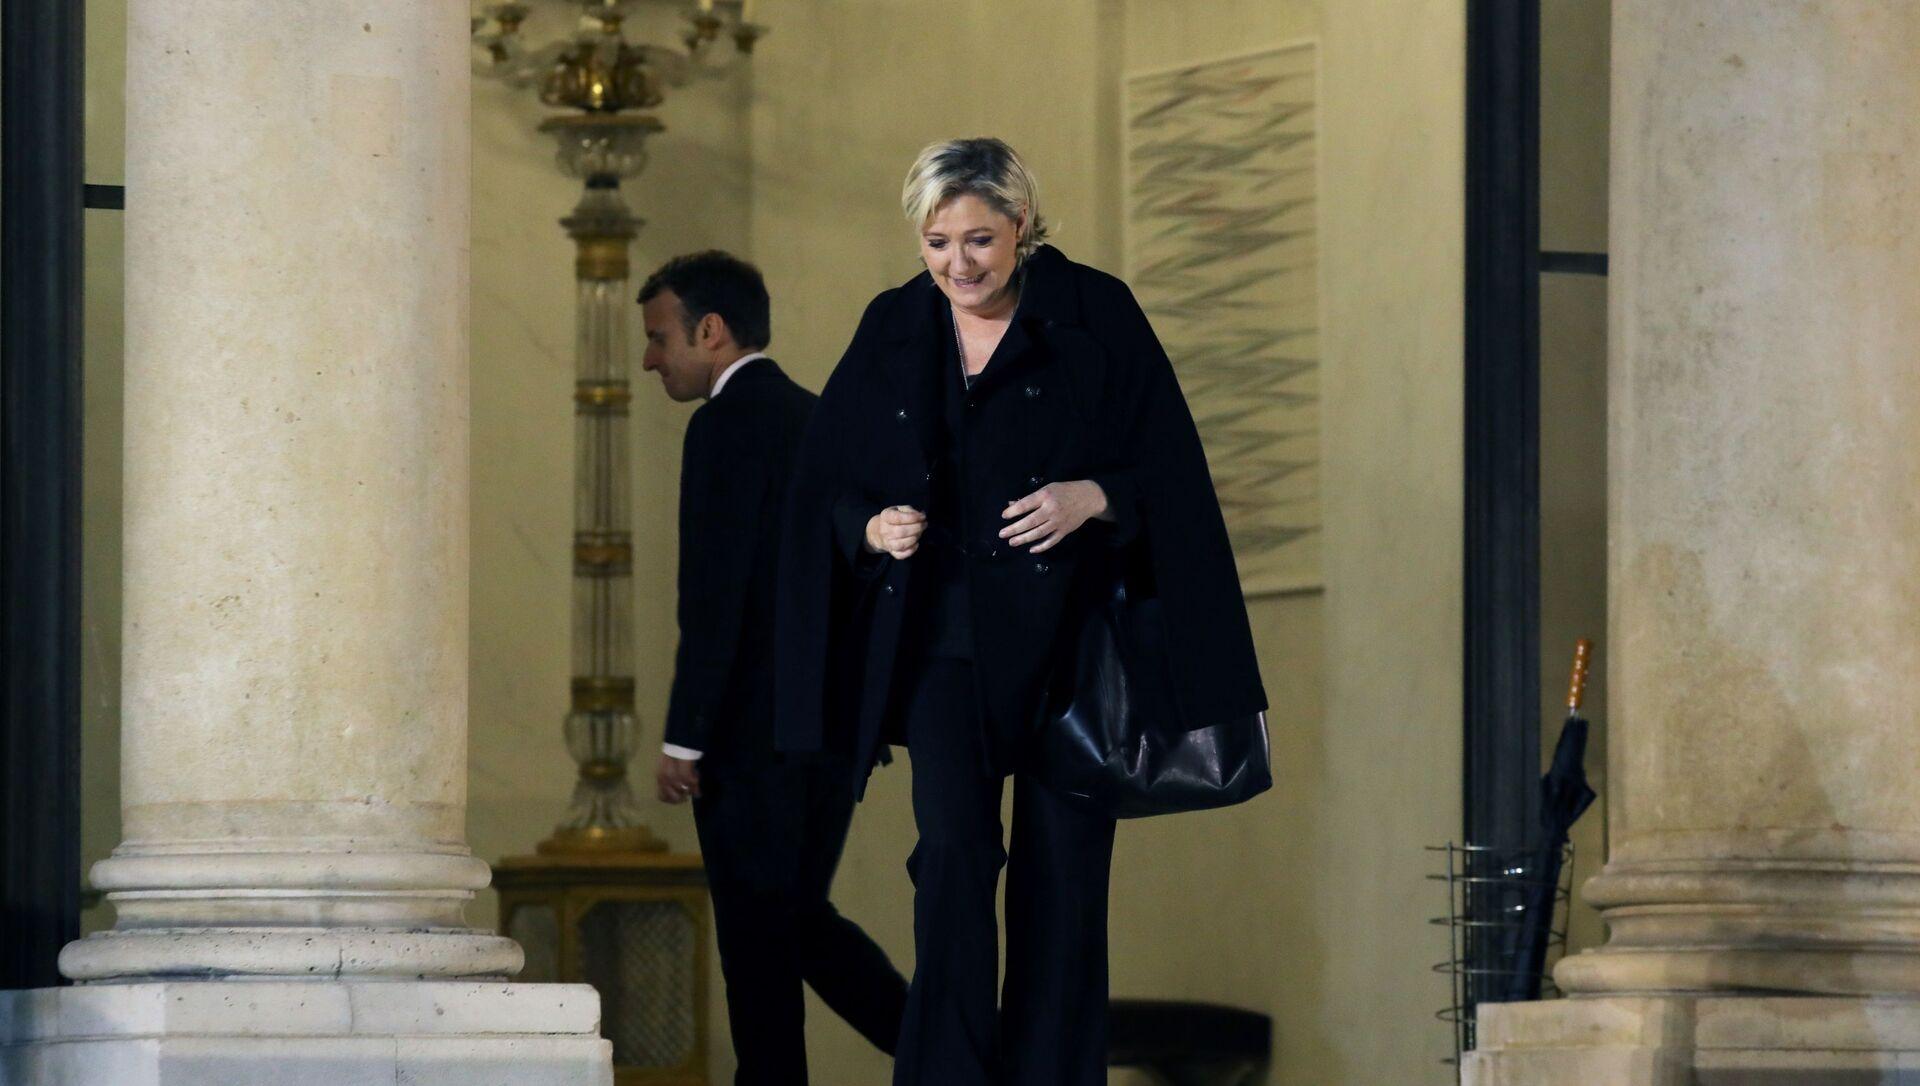 Marine Le Pen y Emmanuel Macron, candidatos a la presidencia de Francia - Sputnik Mundo, 1920, 05.11.2019